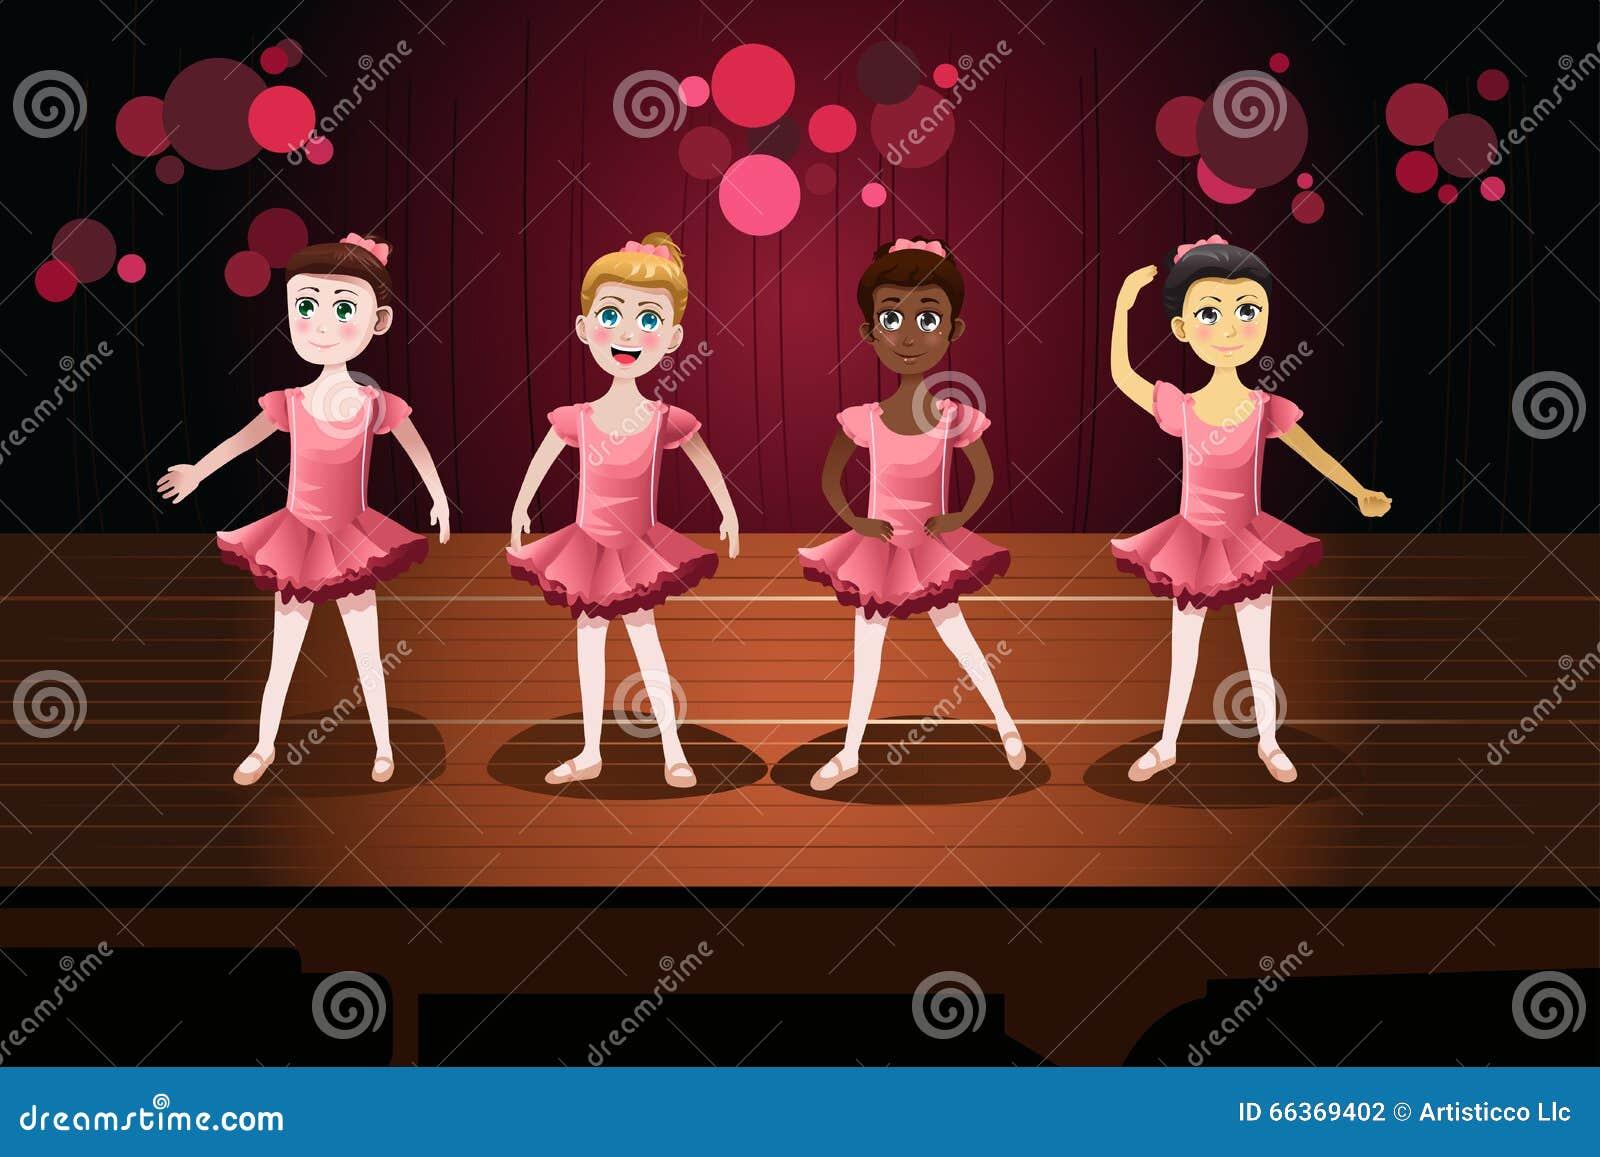 Κορίτσια σε μια απόδοση μπαλέτου